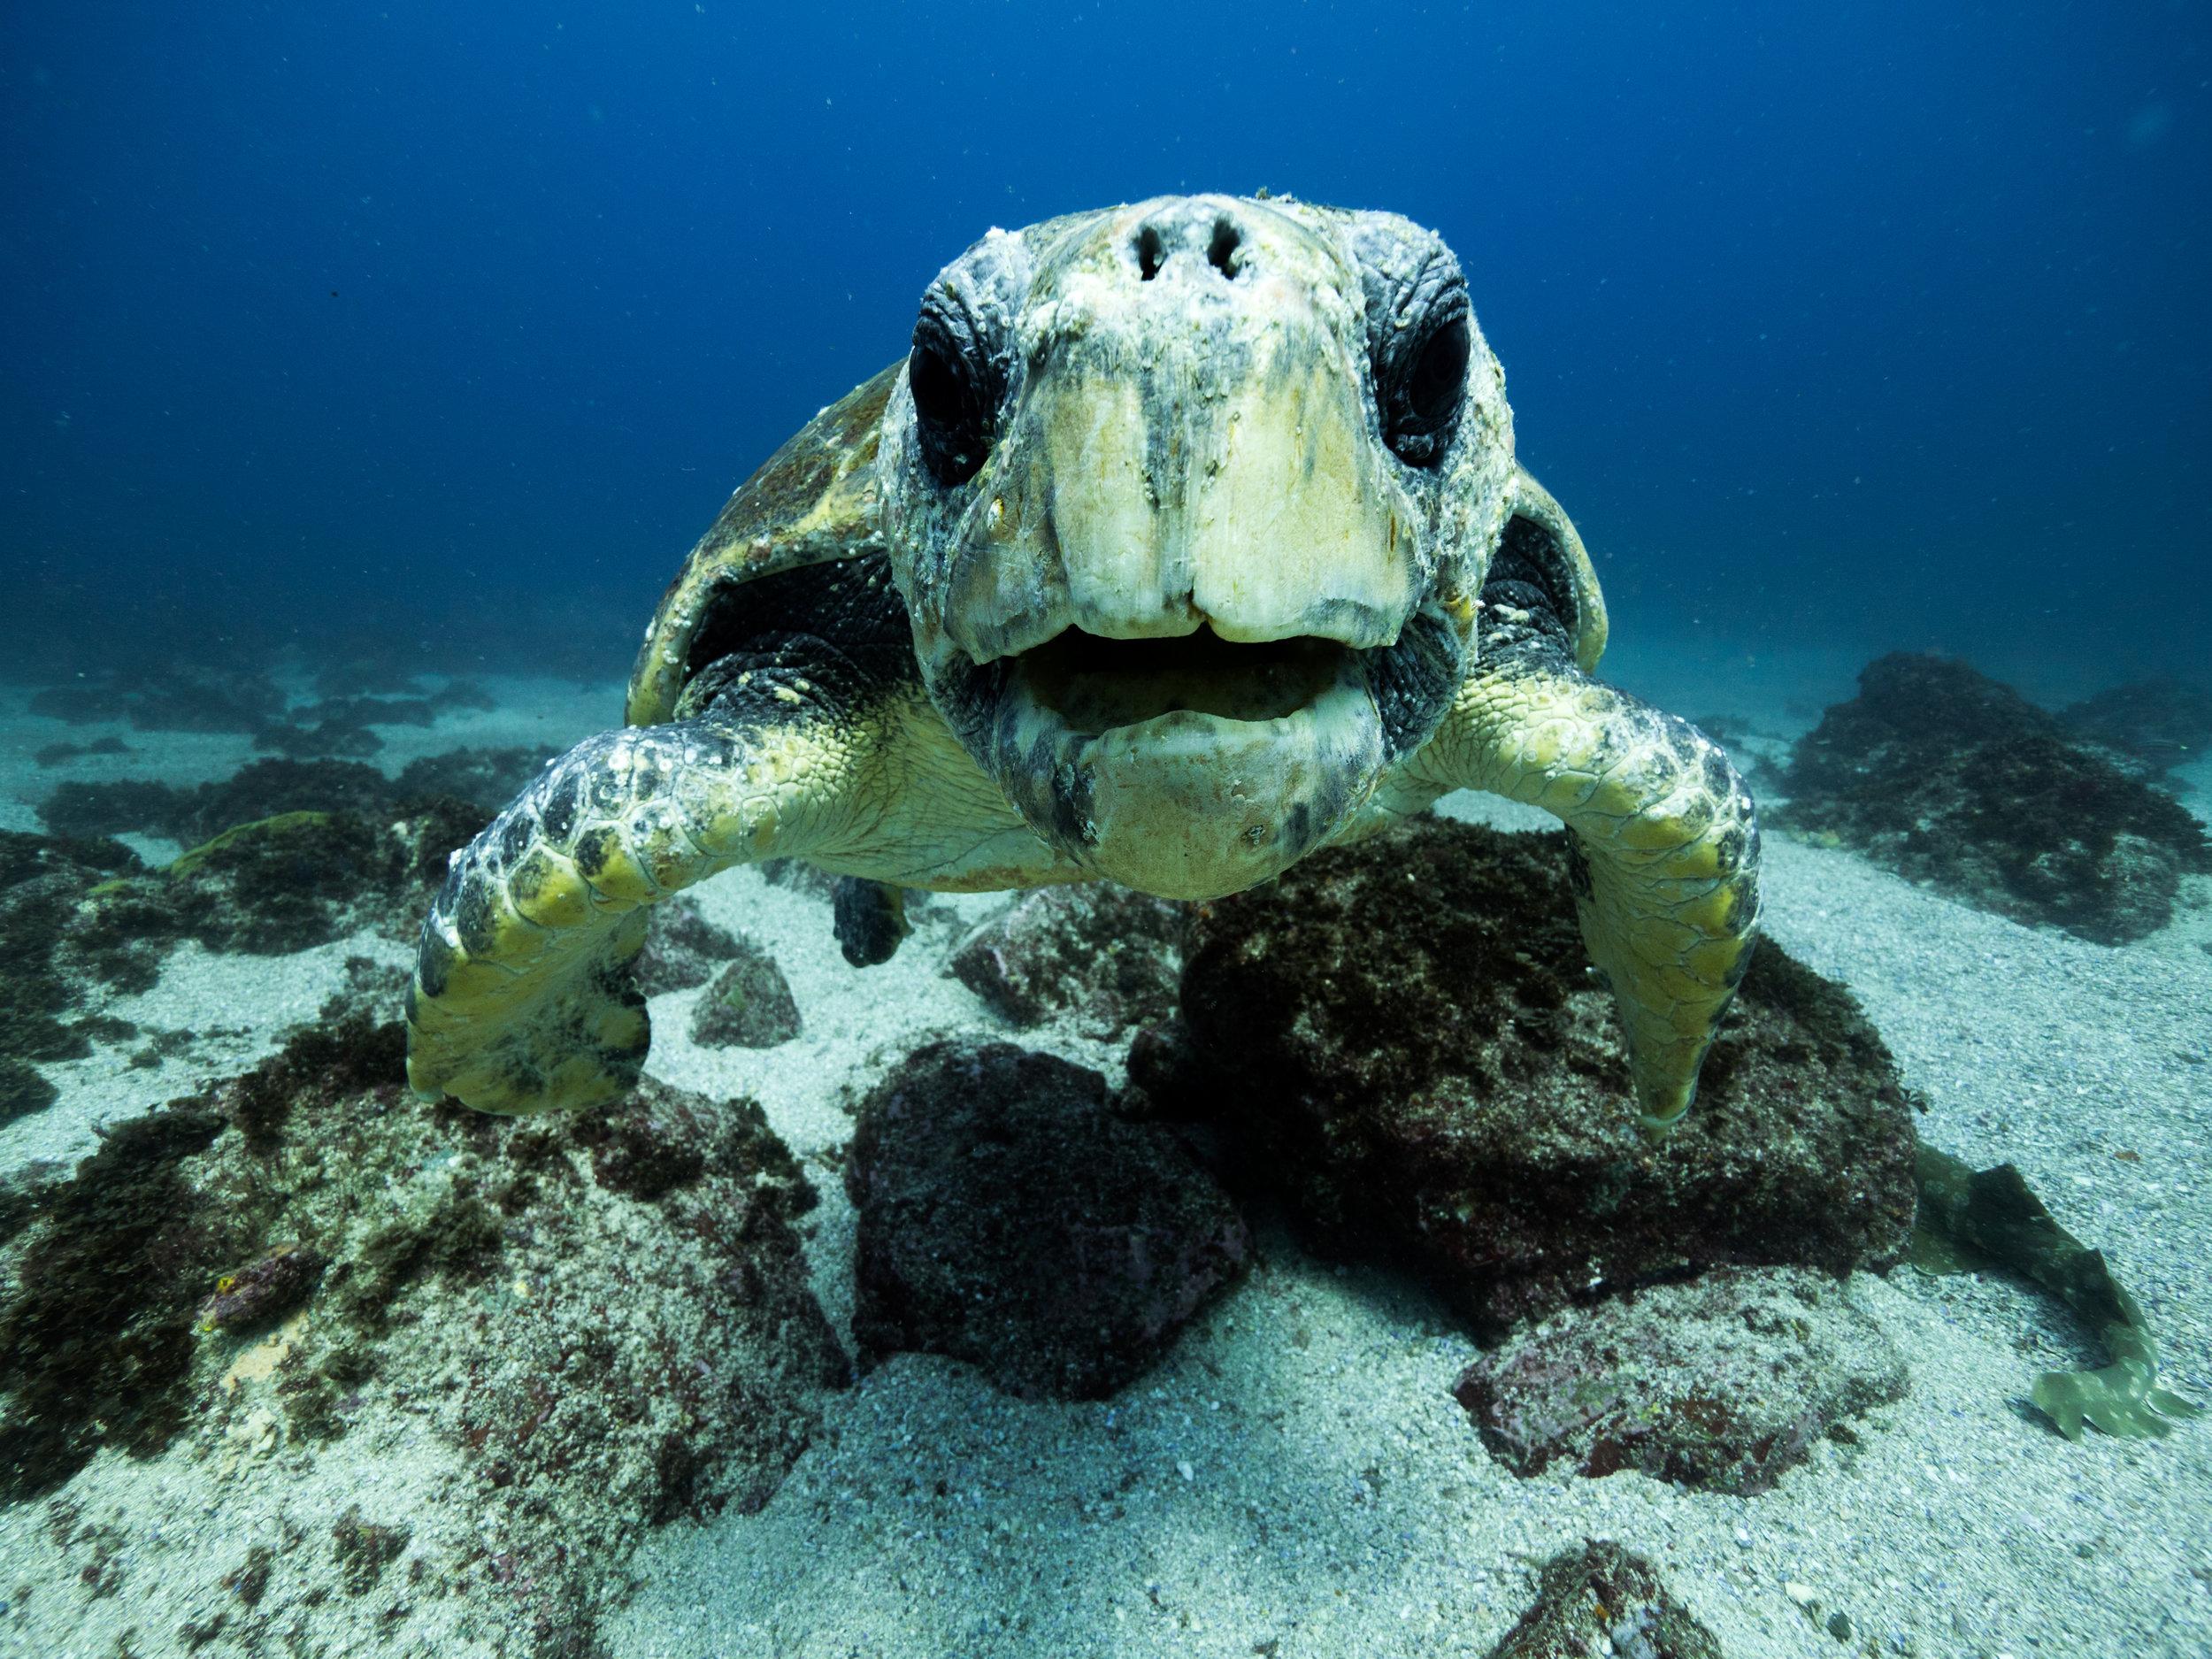 freedive byron bay turtle.jpg